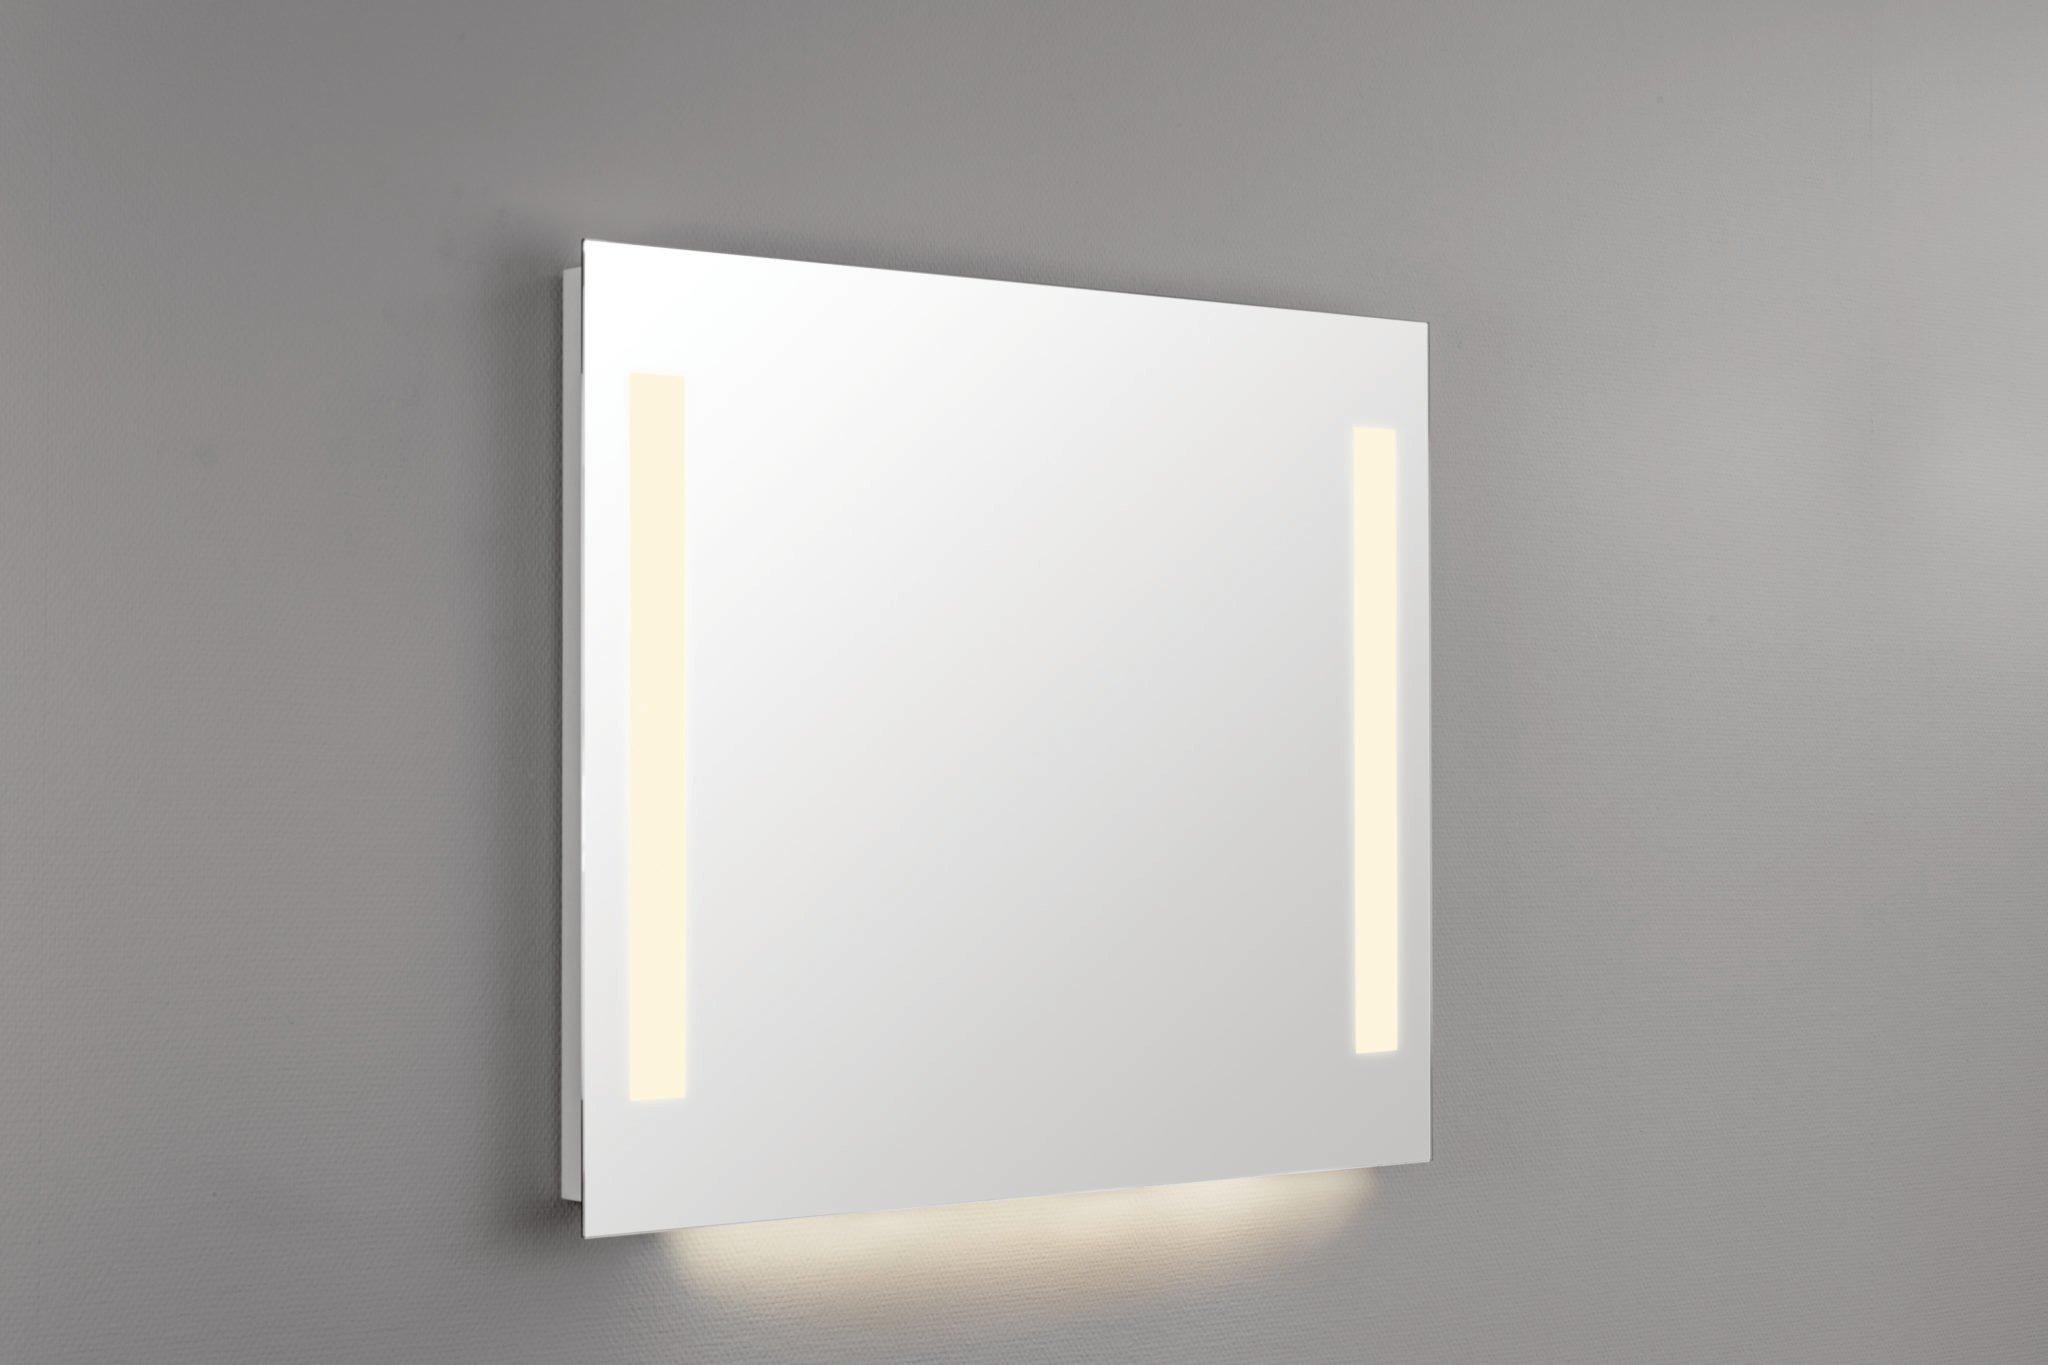 Seriøst SORA speil med LED-lys og 2 stikkontakter 40 cm - Modena Fliser TK-61